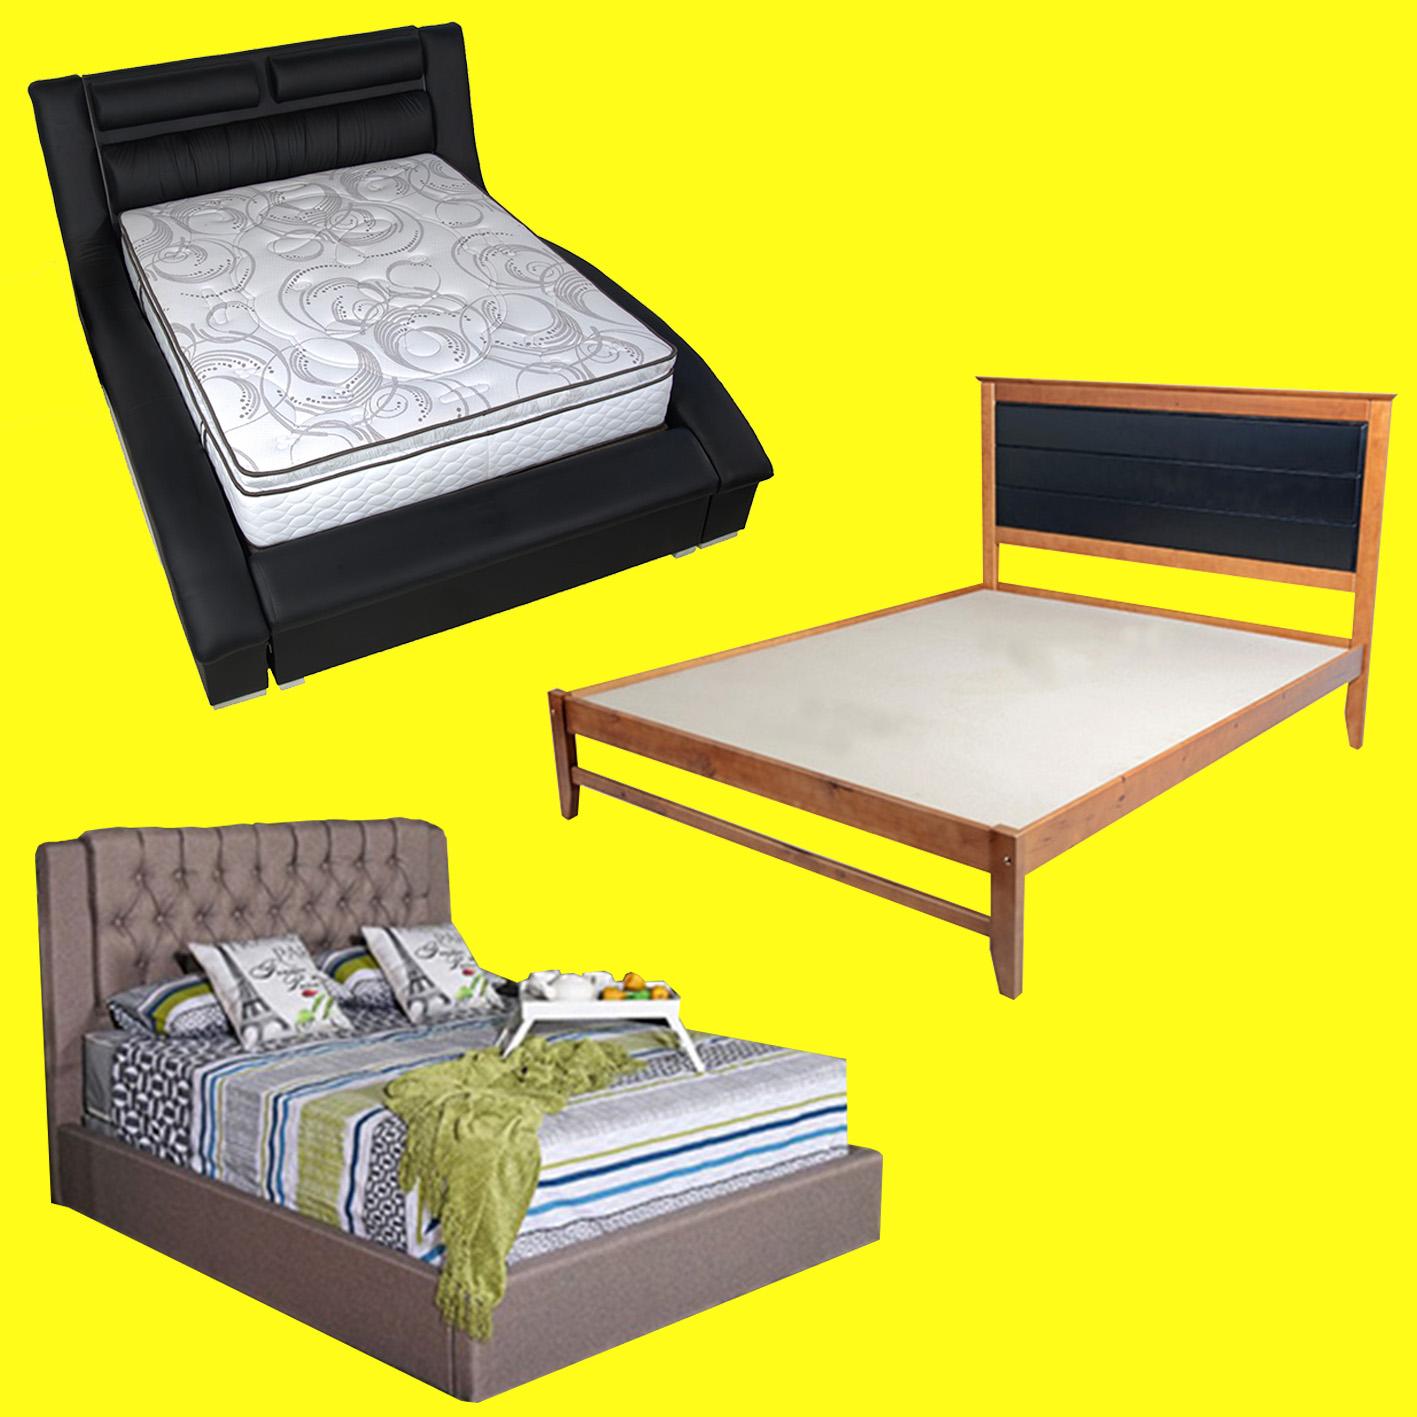 Bedroom furniture johannesburg furniture liquidation for Bedroom furniture johannesburg